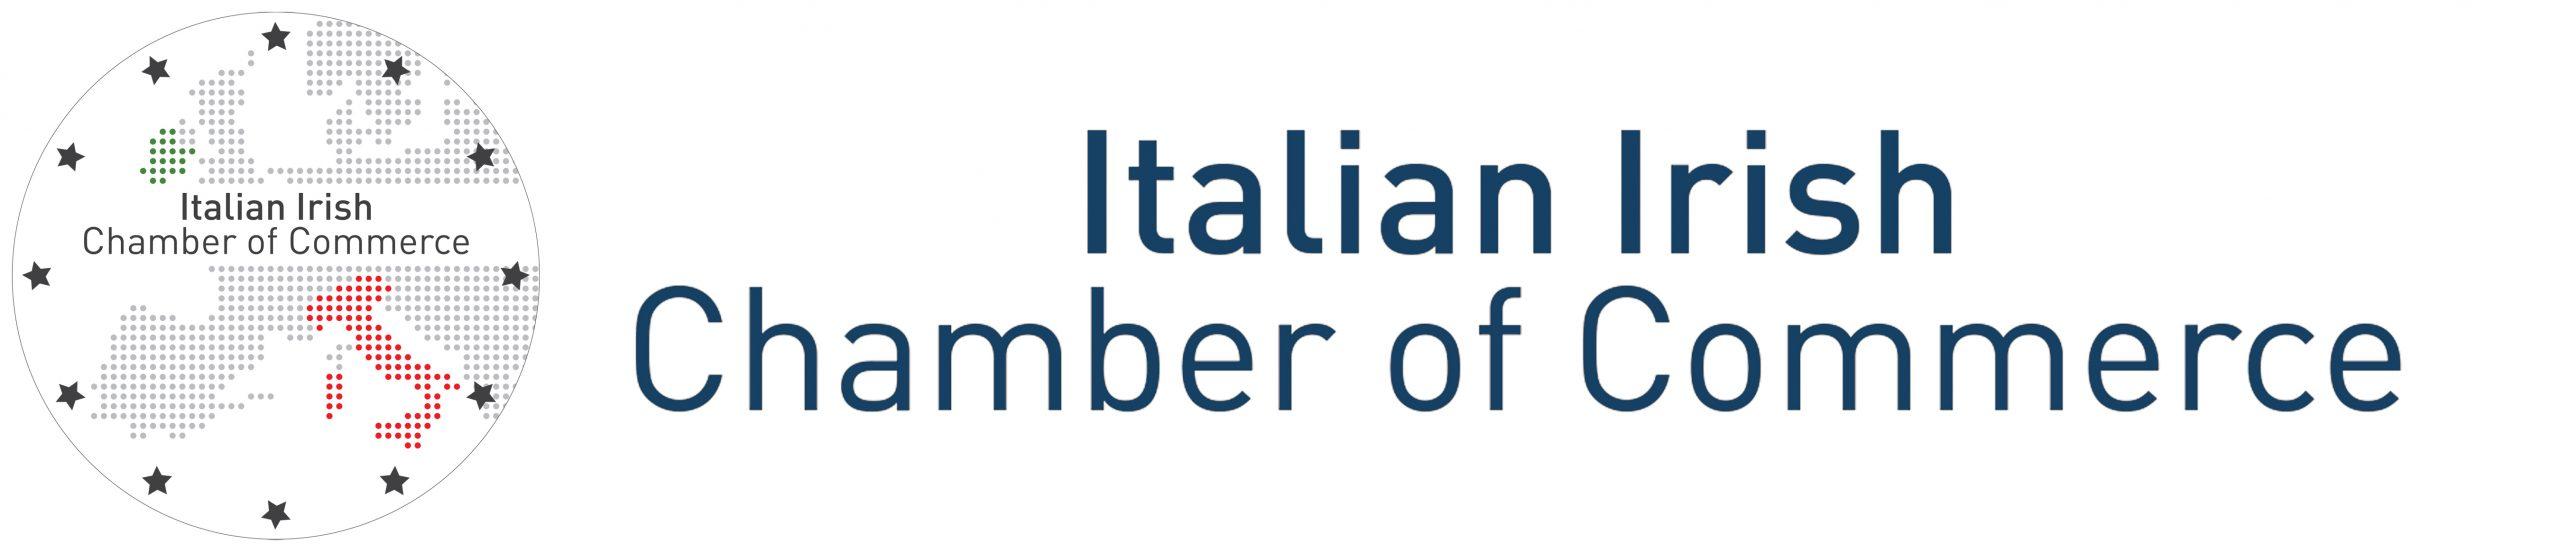 Italian Irish Chamber of Commerce Ltd.